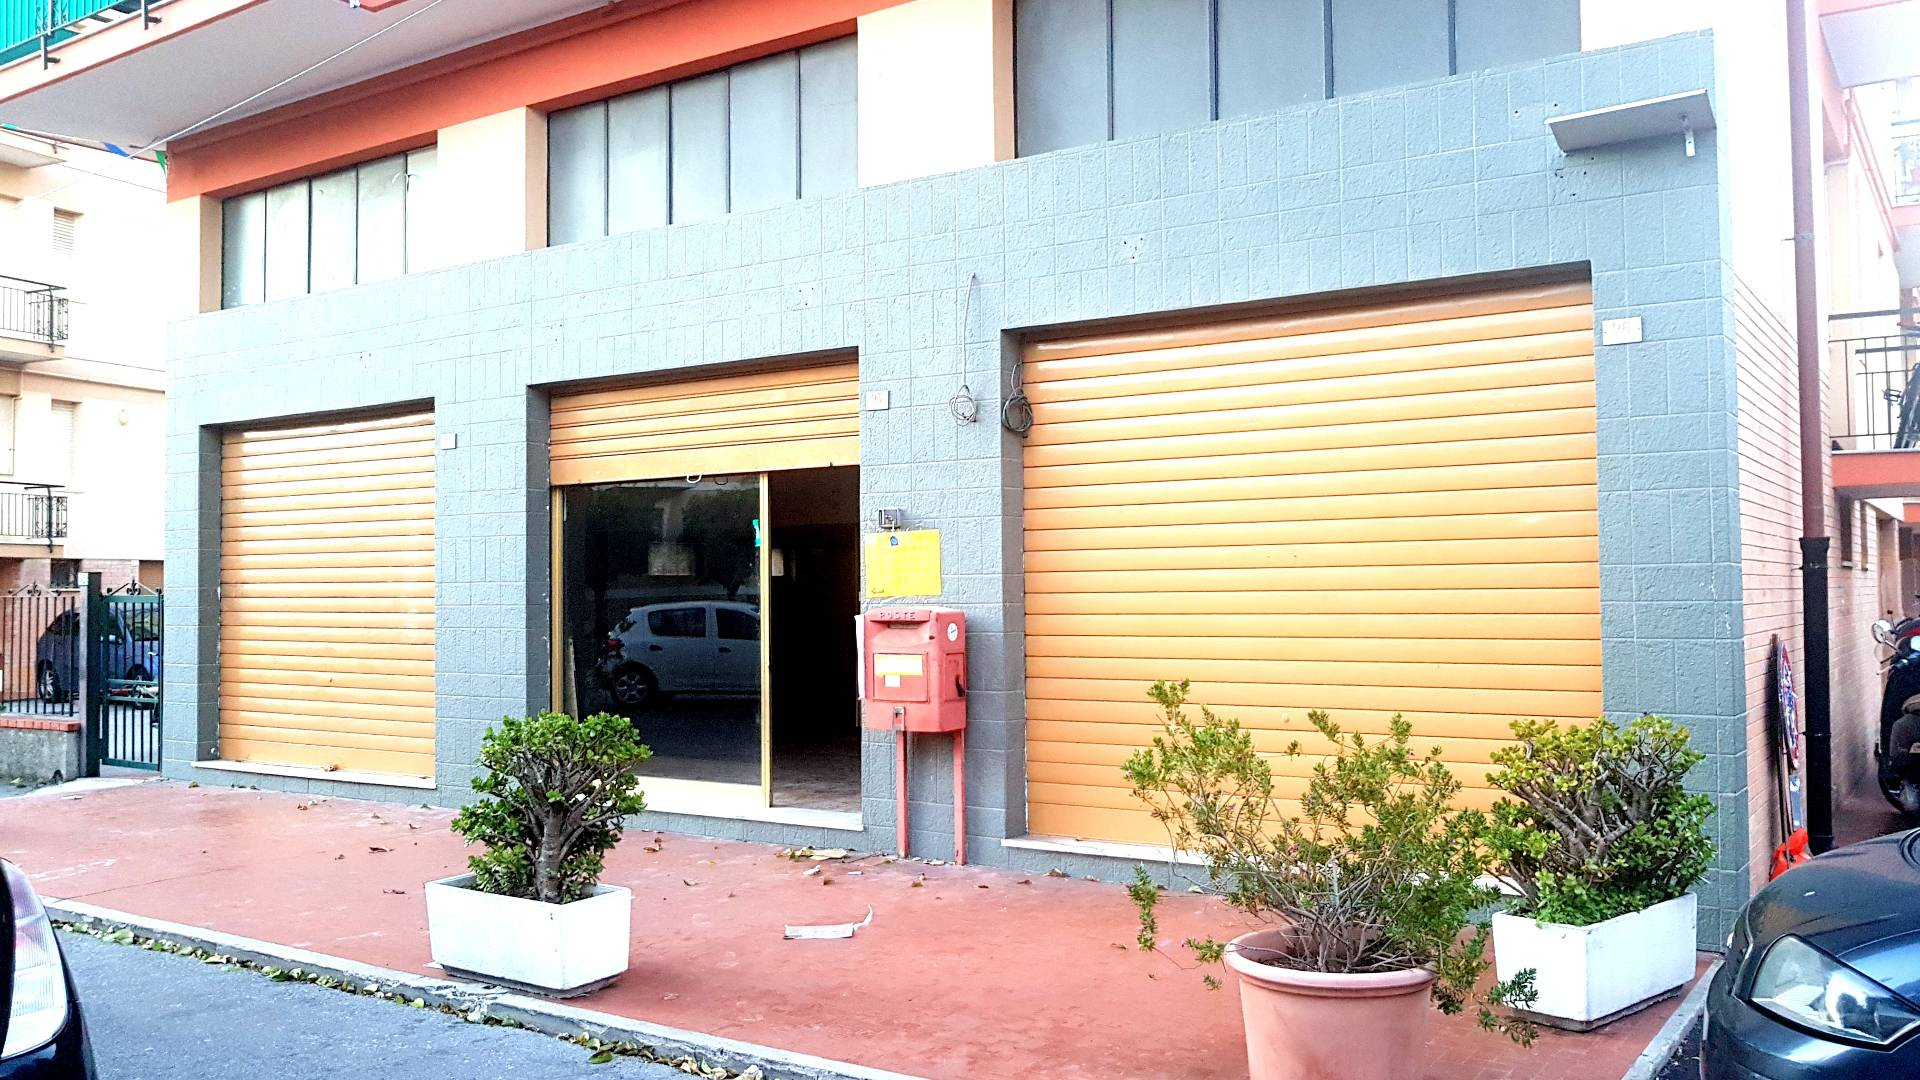 FONDO COMMERCIALE in Affitto a Pietra Ligure (SAVONA)